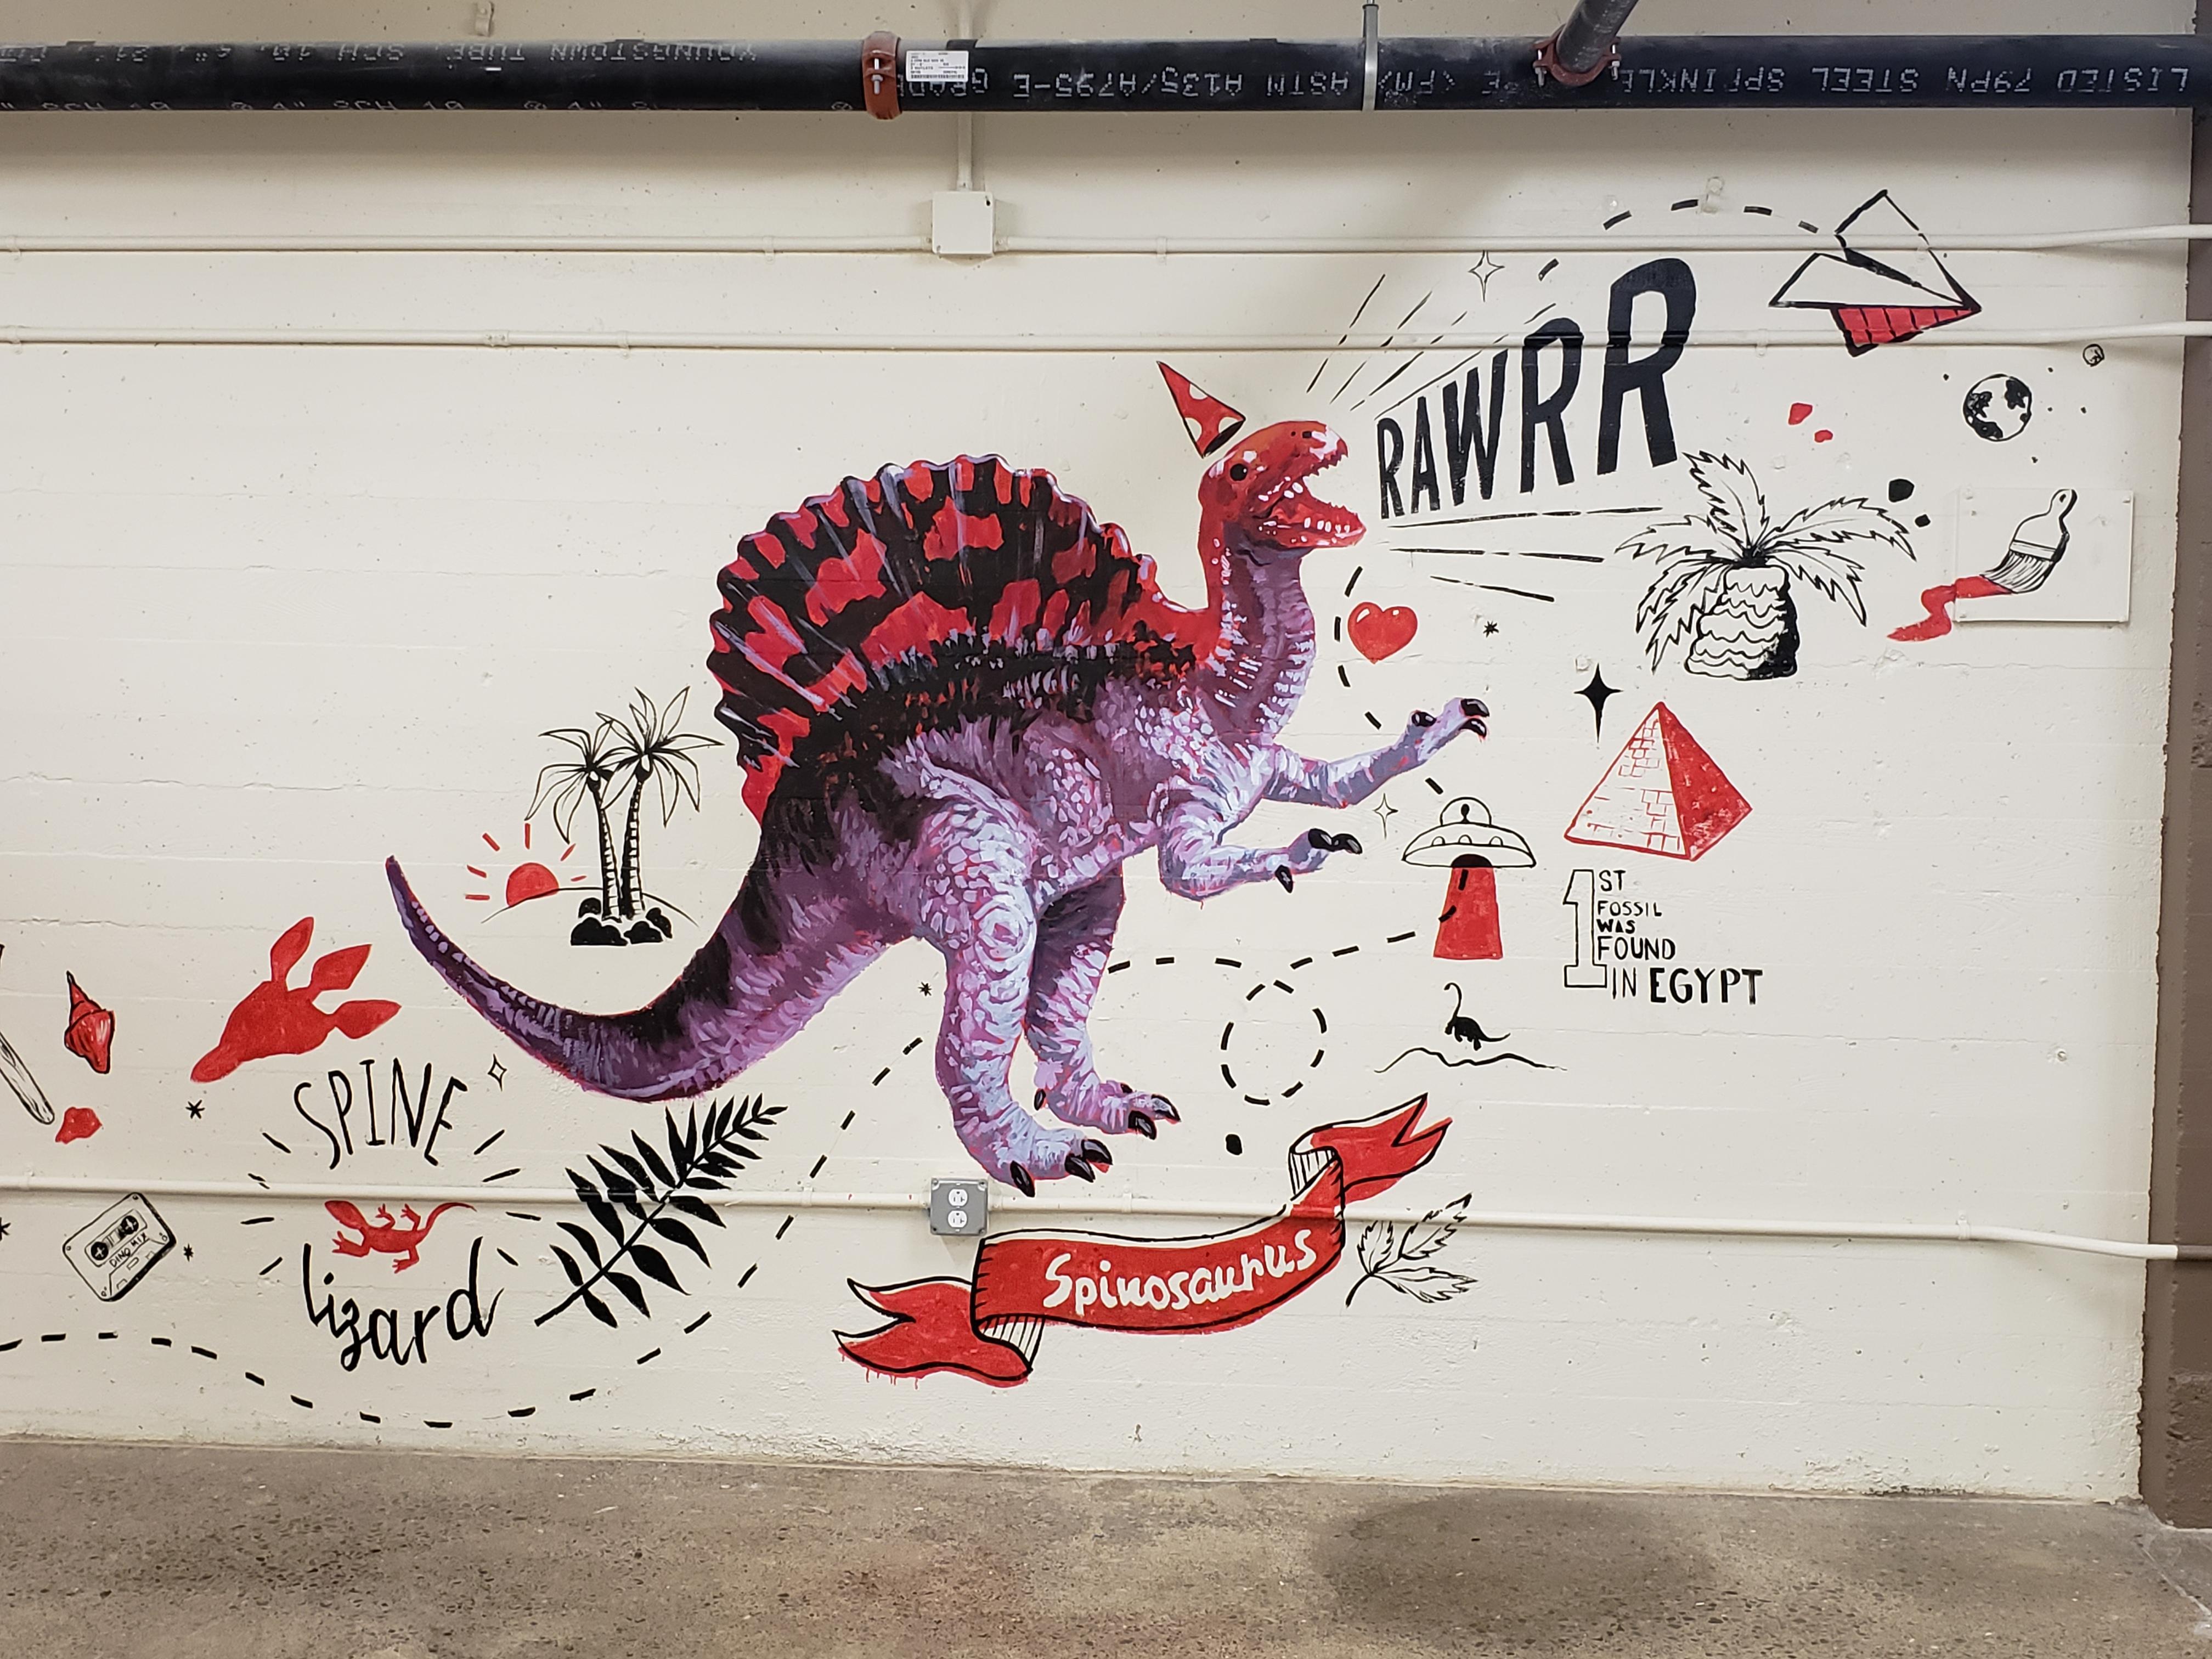 Mural - Spinosaurus